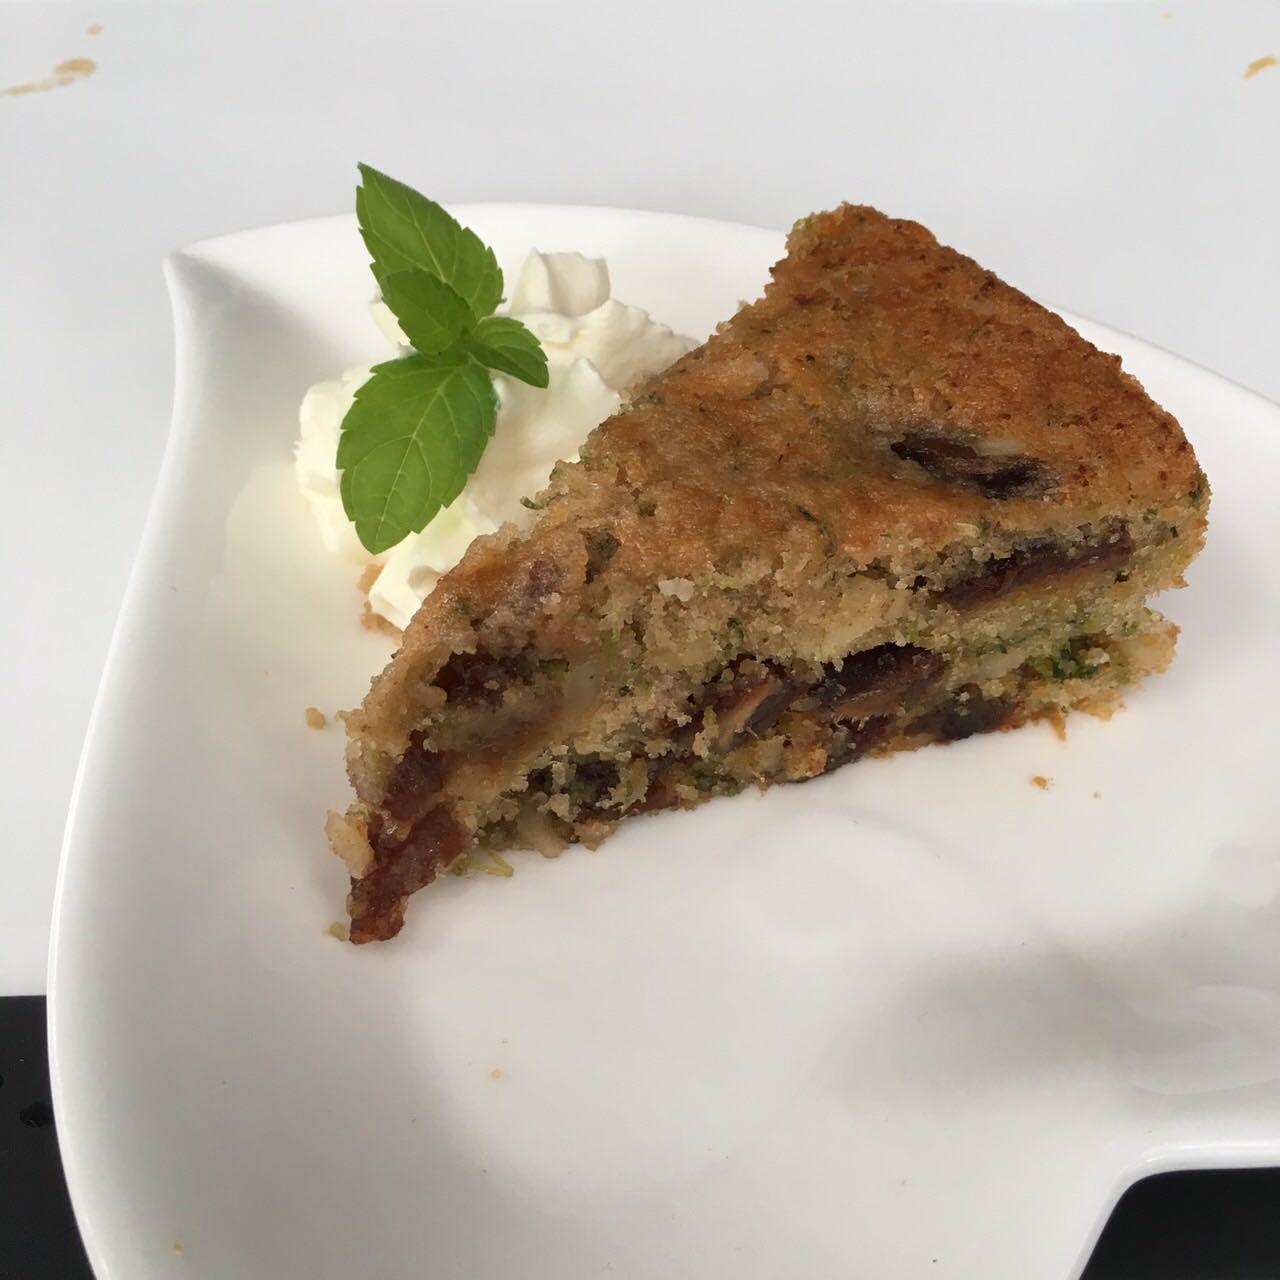 Date and Zucchini Cake